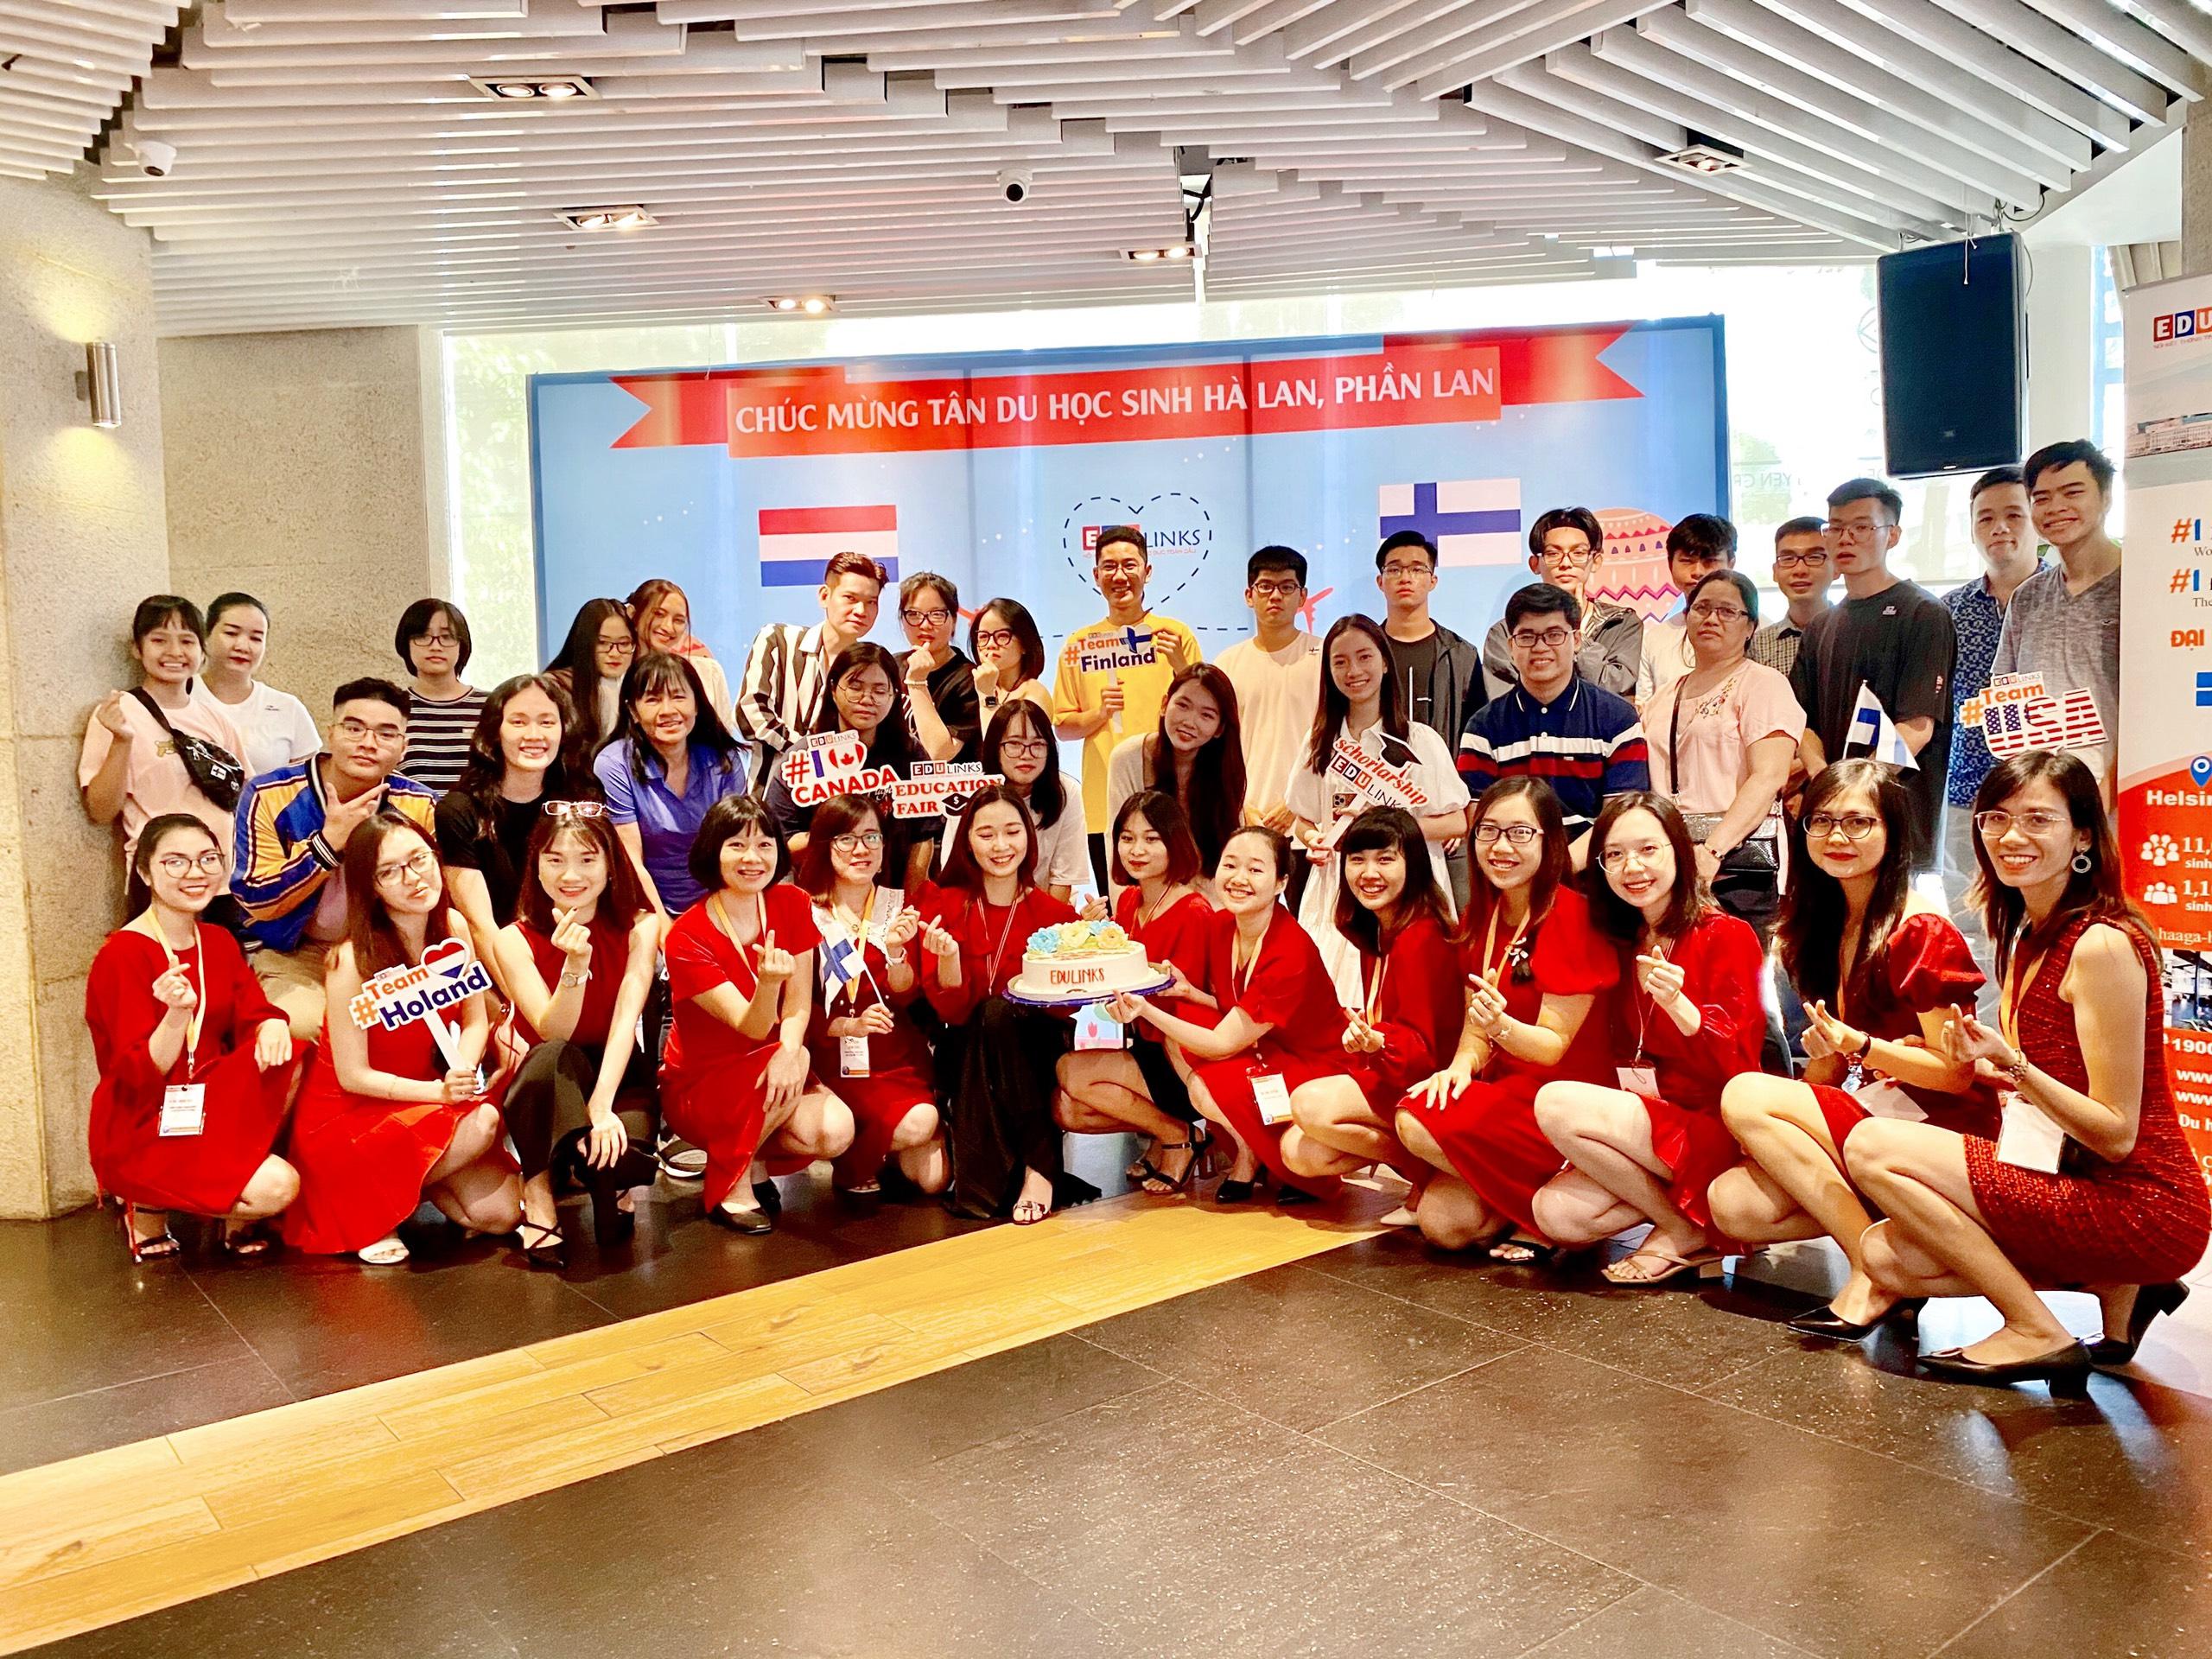 Tiệc chúc mừng và hướng dẫn bay học sinh du học Phần Lan của Du học Edulinks kỳ tháng 9/2020 tại Hồ Chí Minh